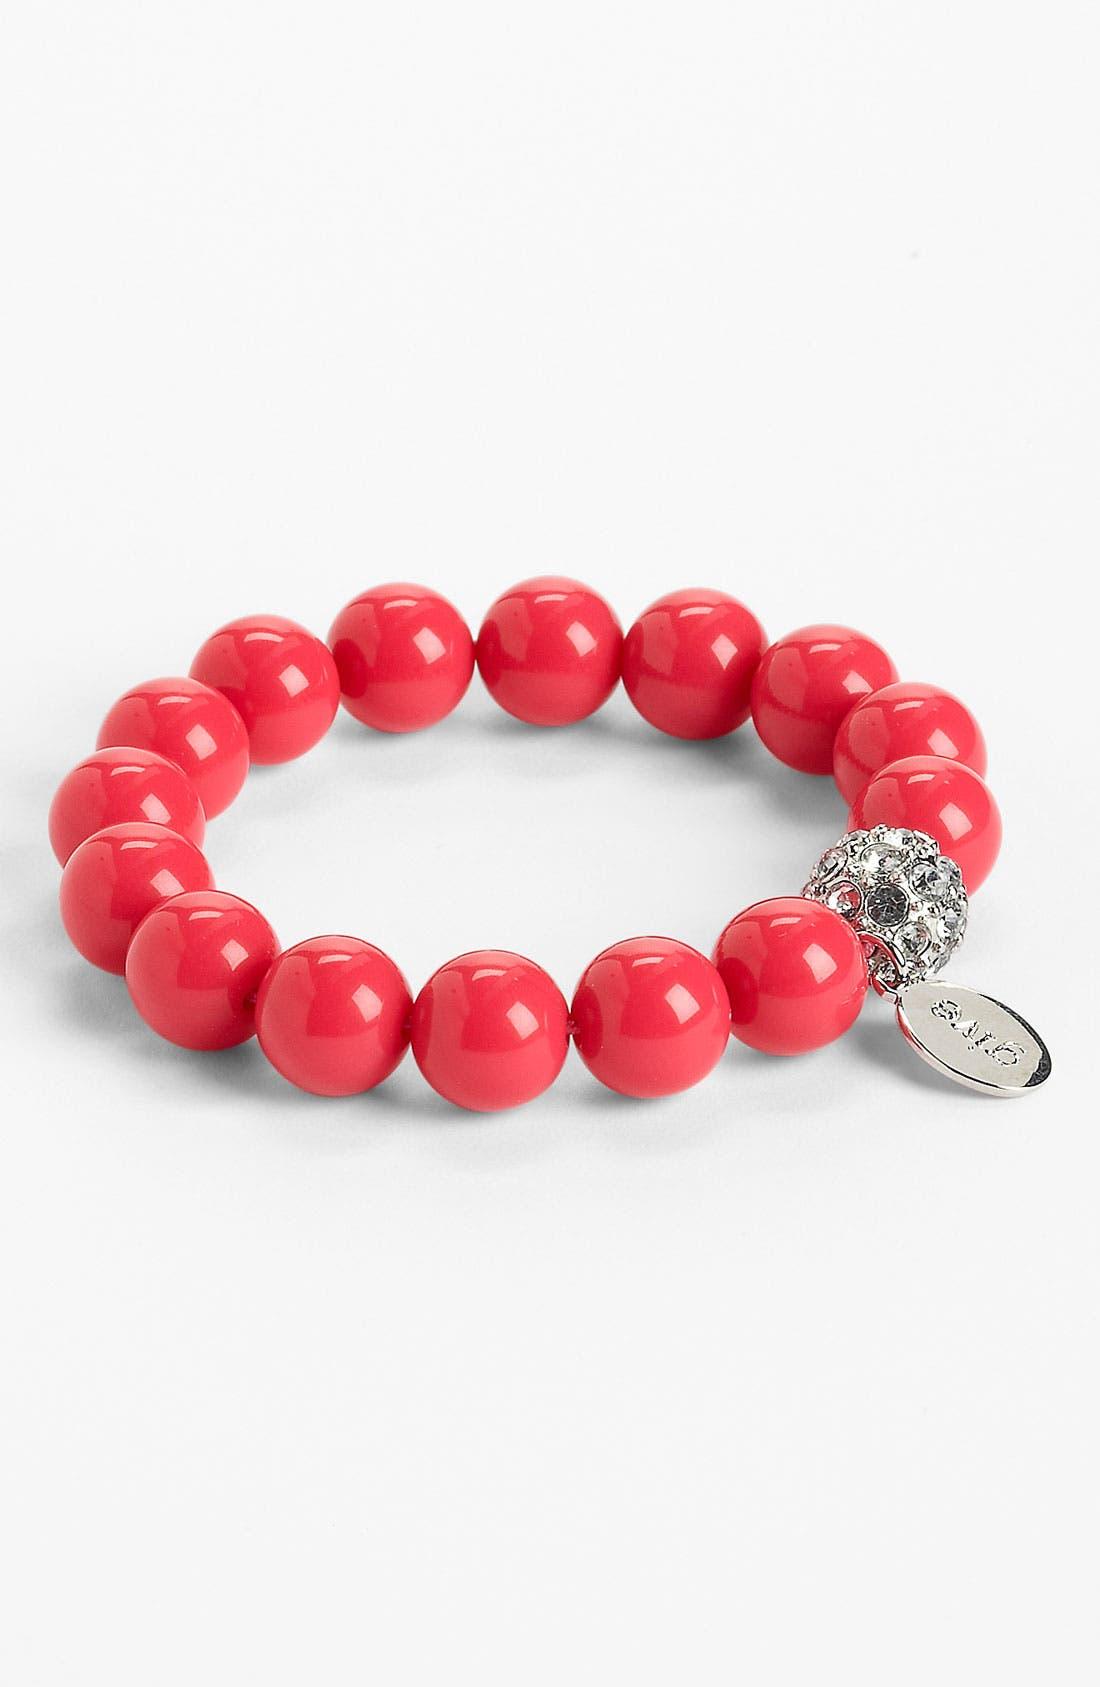 Main Image - Altruette Beaded Bracelet